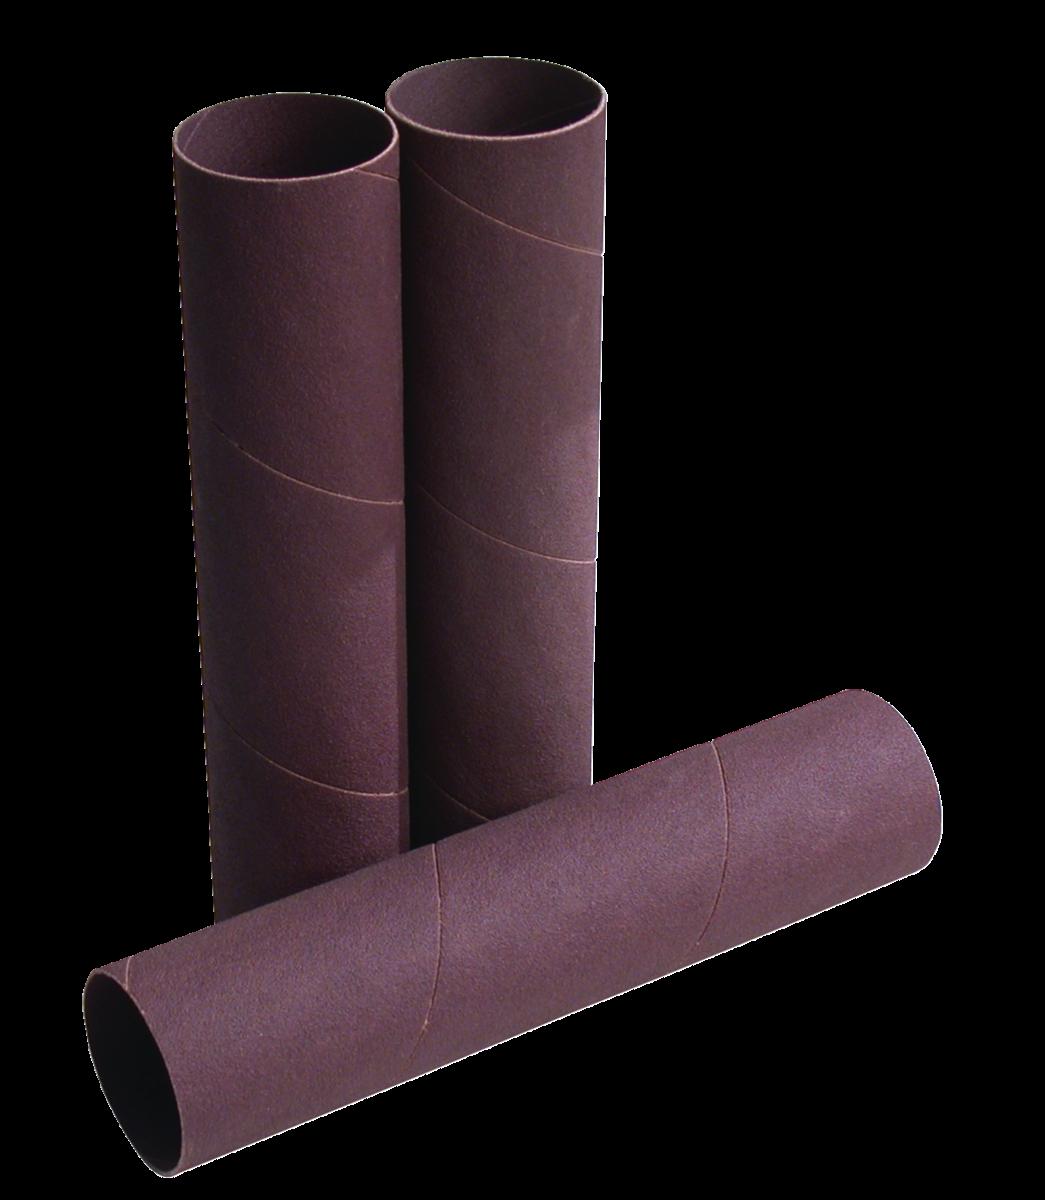 """Sanding Sleeves, 1-1/2x5-1/2"""",150 Grit (4 pack)"""